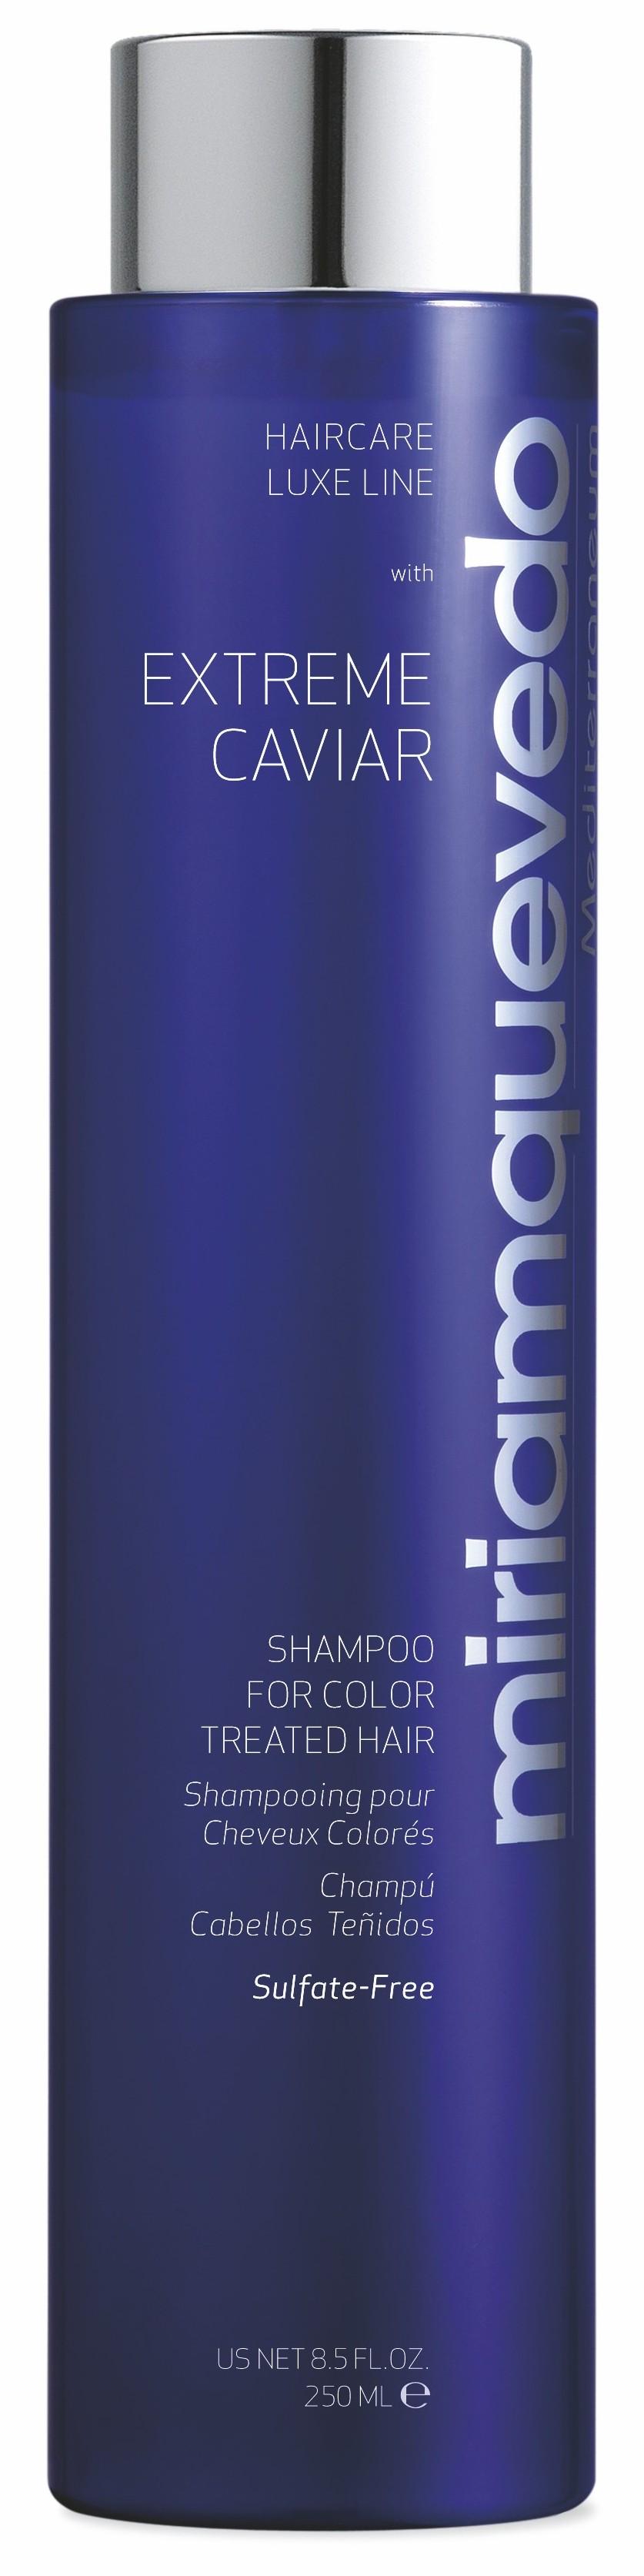 MIRIAM QUEVEDO Шампунь с экстрактом черной икры для окрашенных волос / Extreme Caviar Shampoo for Color Treated Hair 250 мл фото